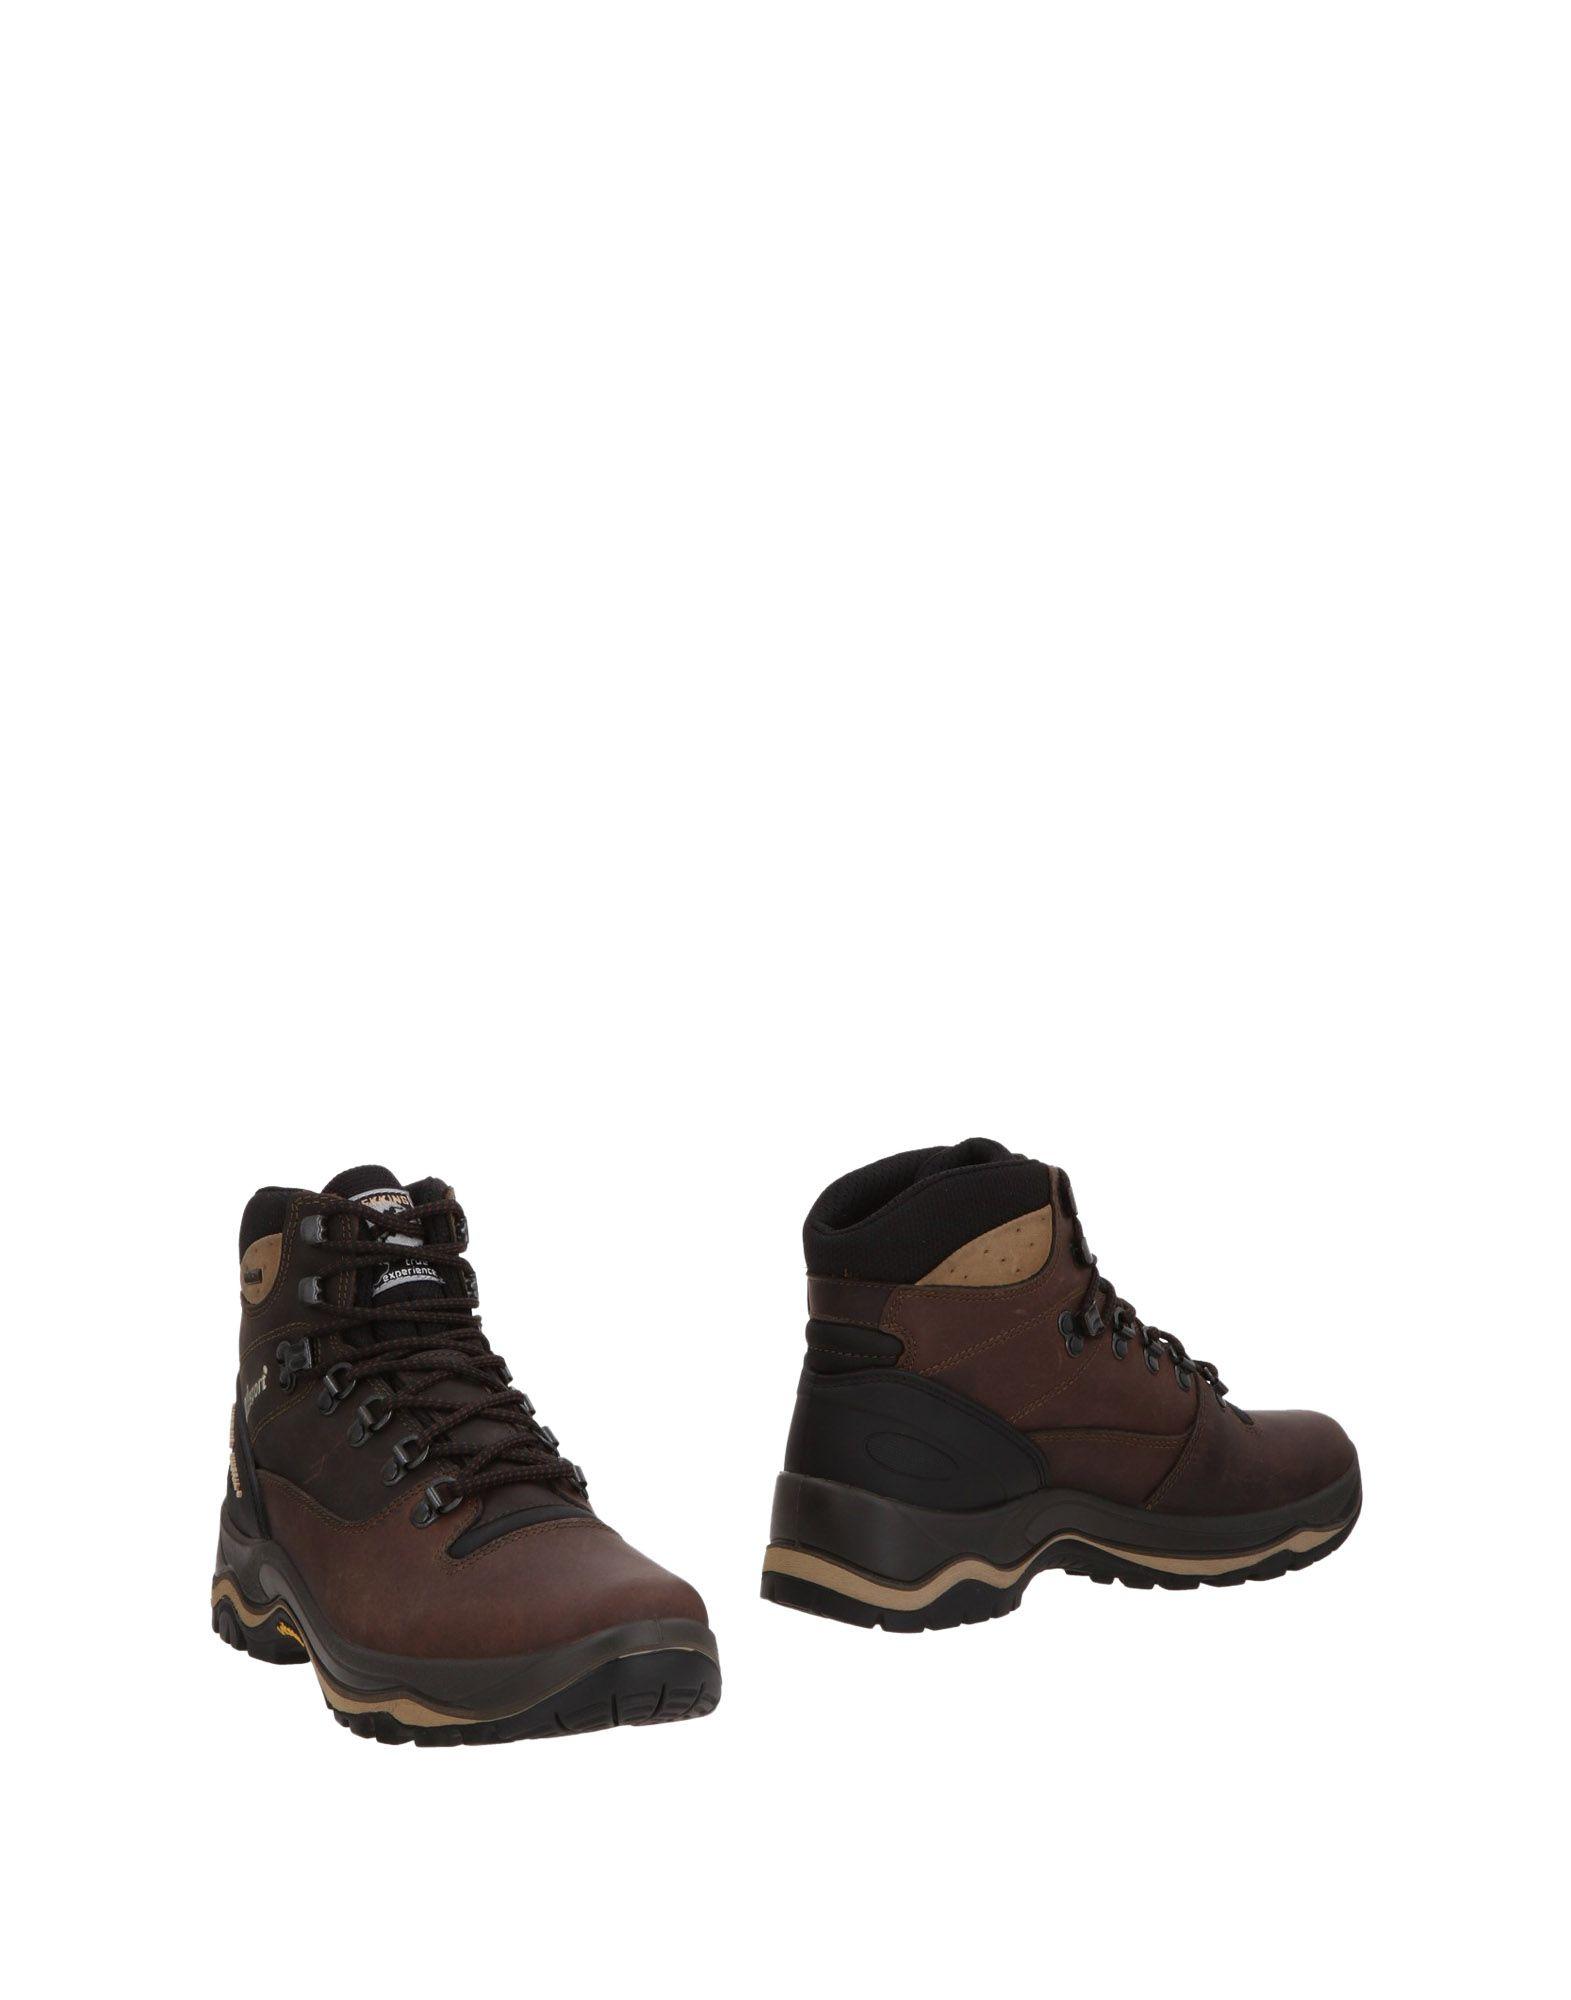 Rabatt Grisport echte Schuhe Grisport Rabatt Stiefelette Herren  11466363CJ 6d4a3e